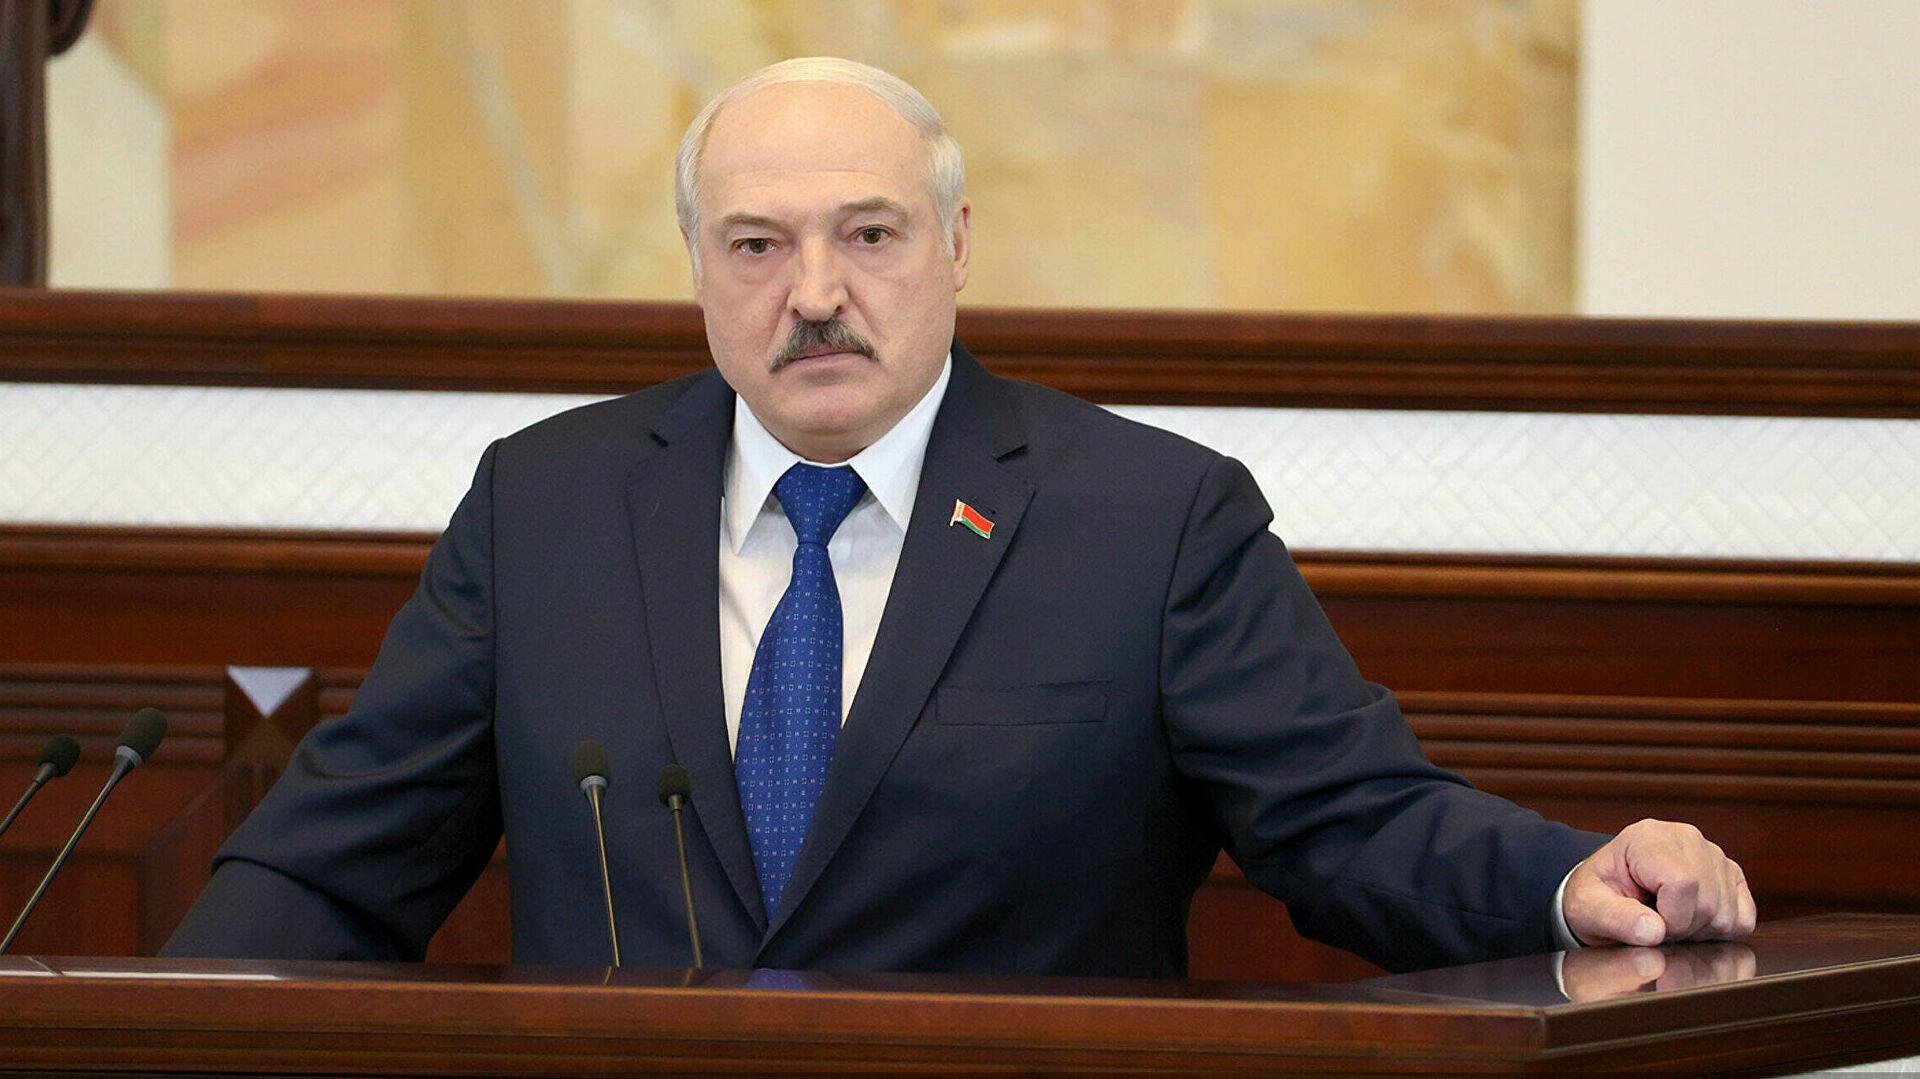 Лукашенко предложил увеличить срок полномочий депутатов